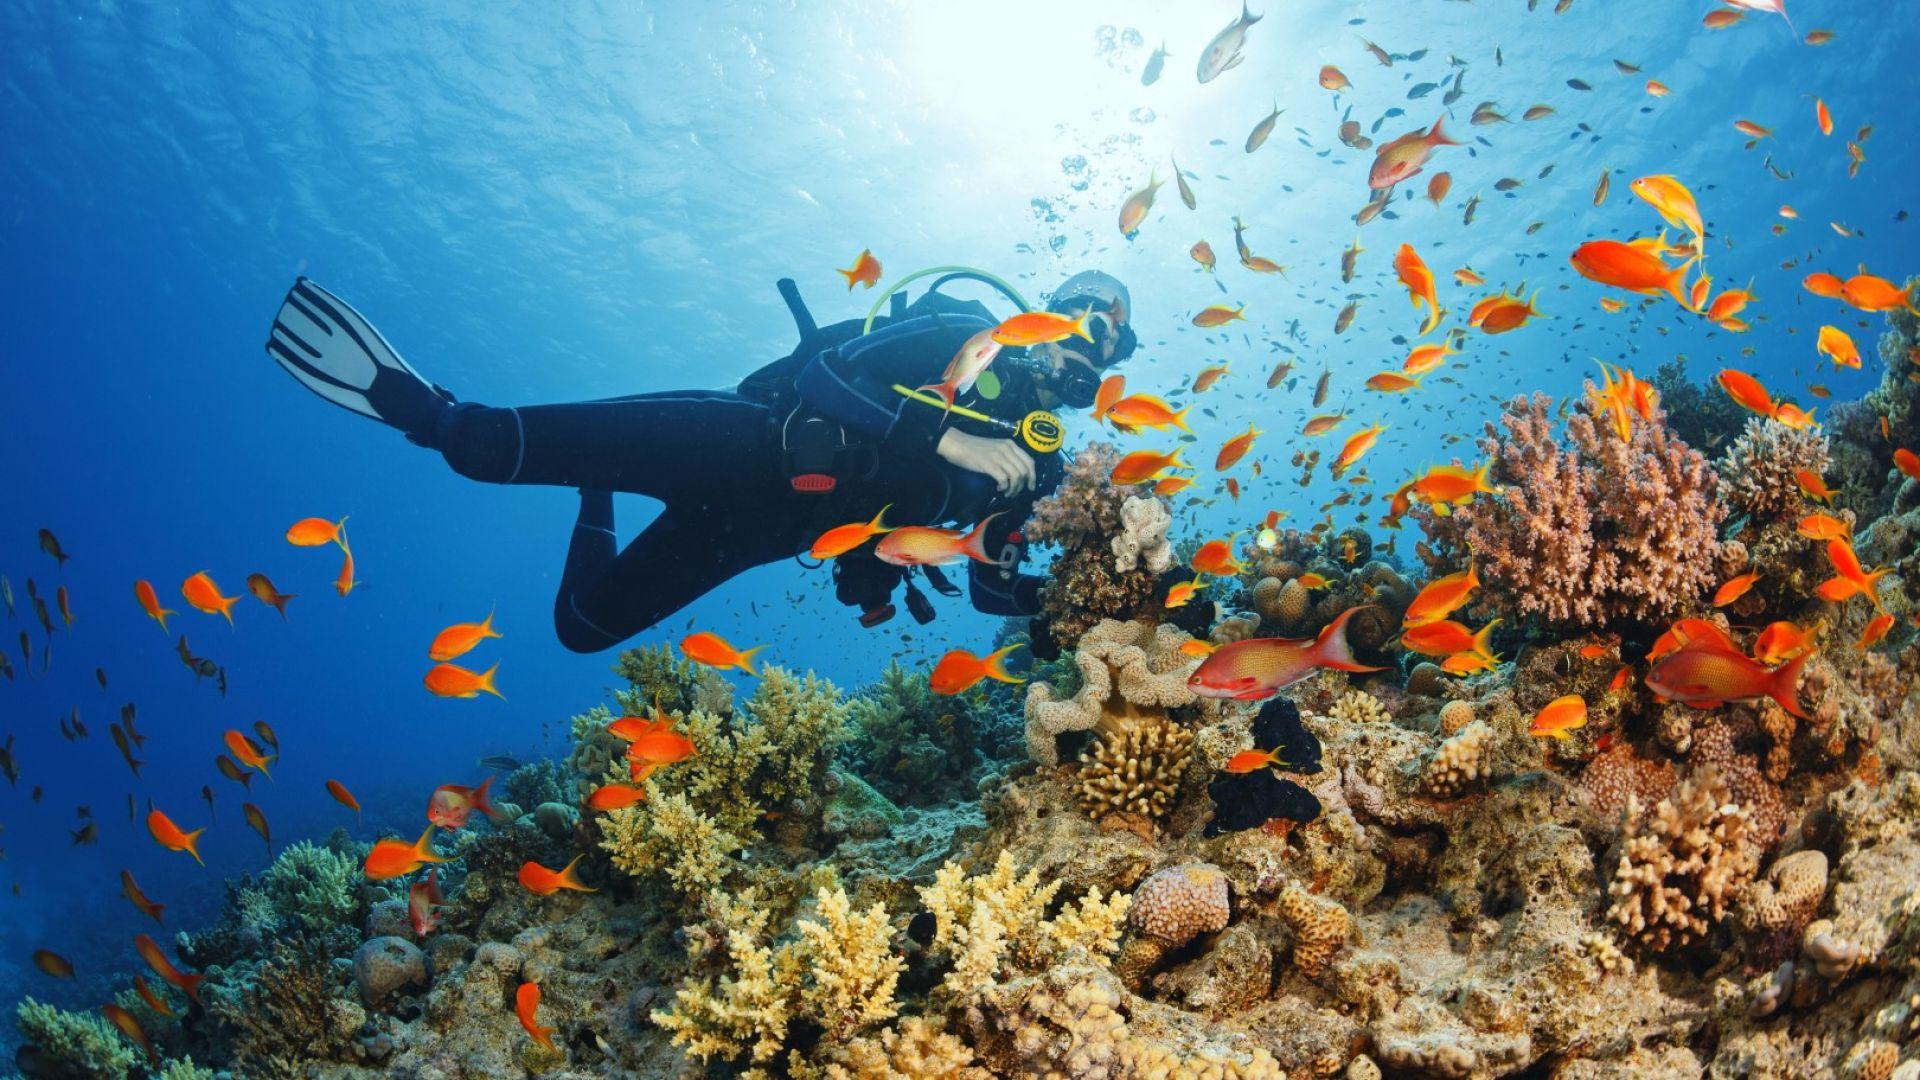 Корали, смятани за изчезнали, се появиха в Средиземно море